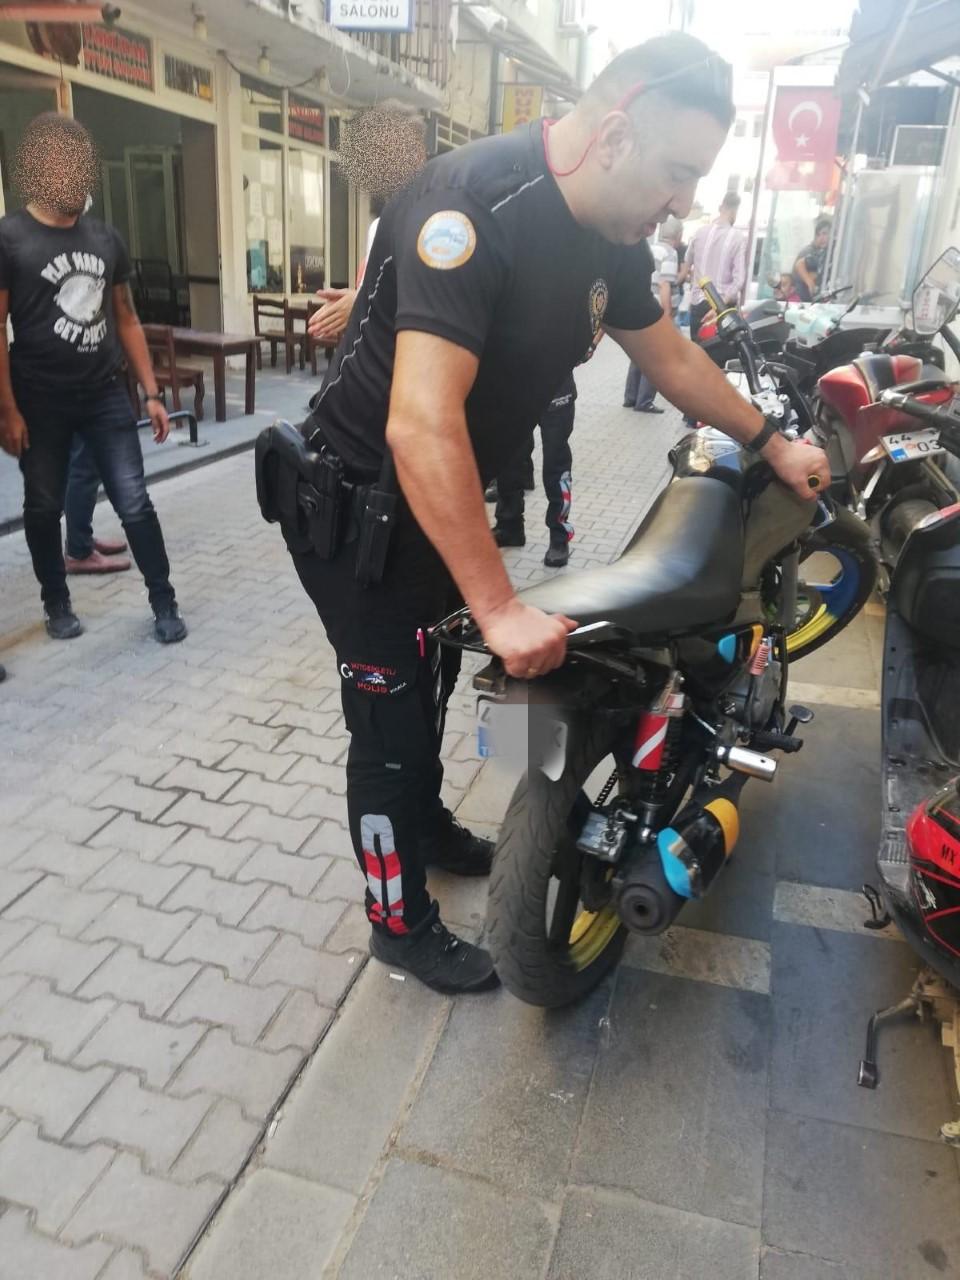 Çevreye Rahatsızlık Veren Motosikletlere karşı etkili denetim